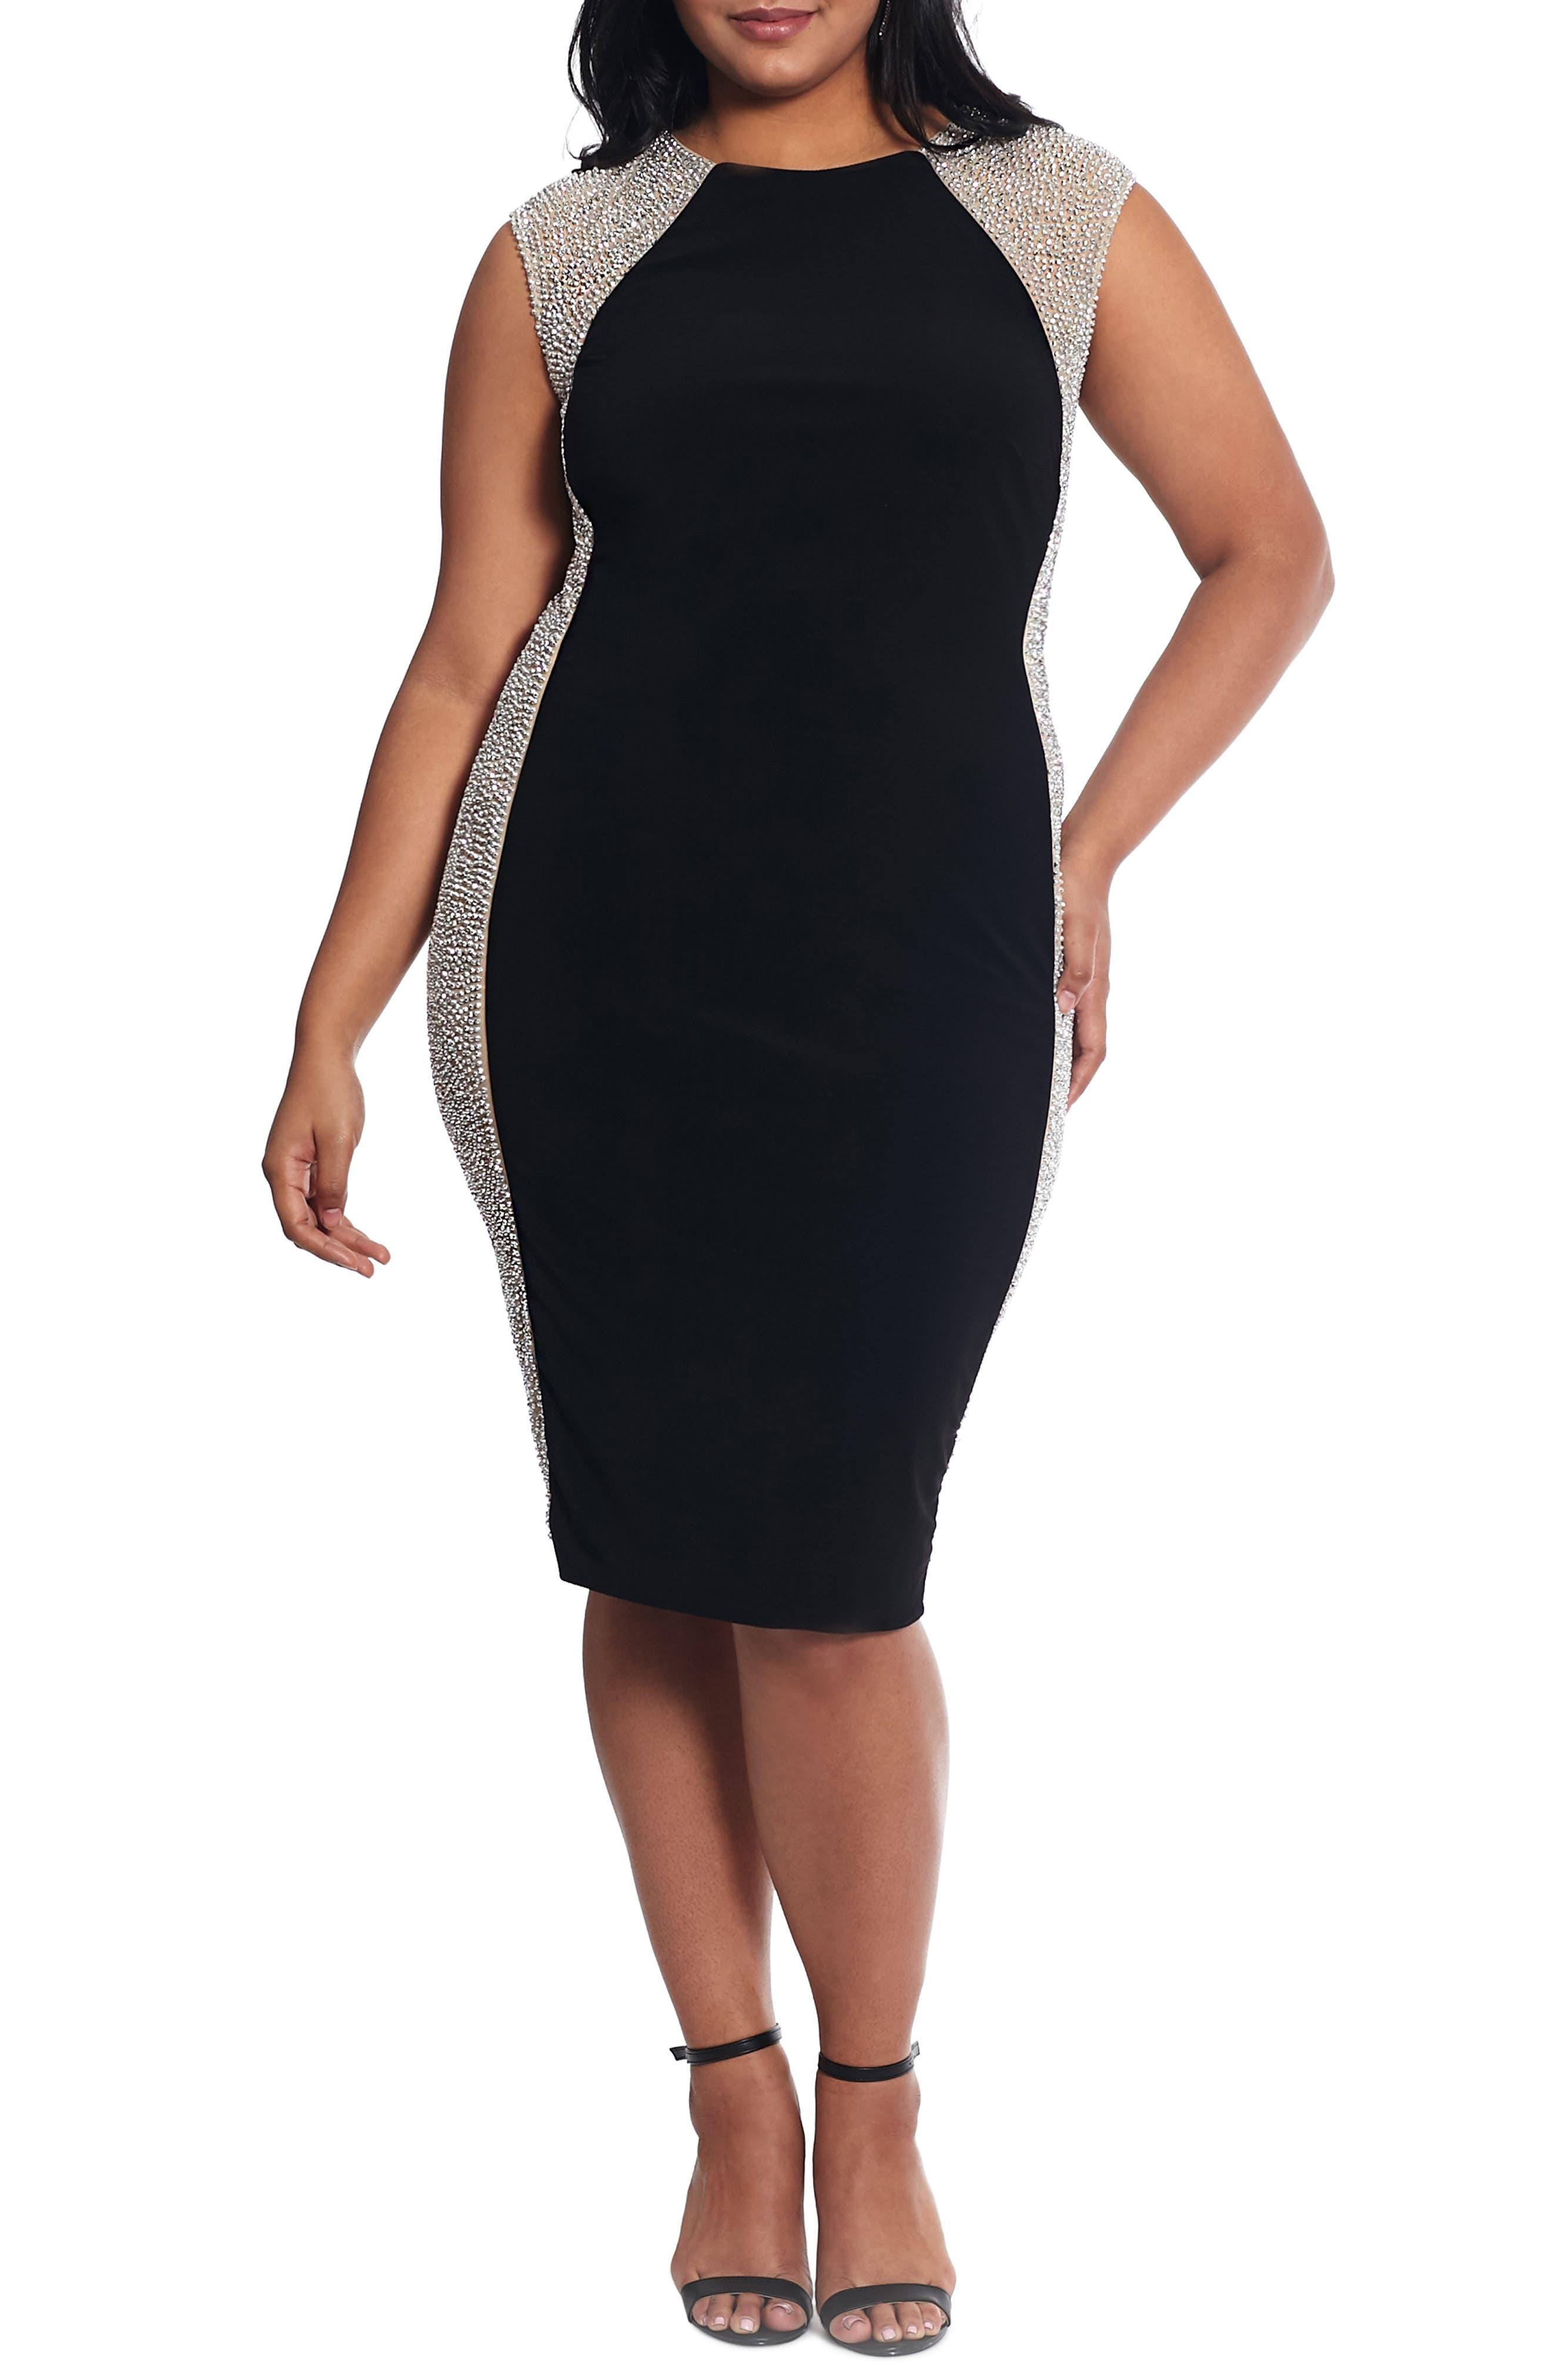 Plus Size Xscape Caviar Bead Mesh Velvet Cocktail Dress, Black